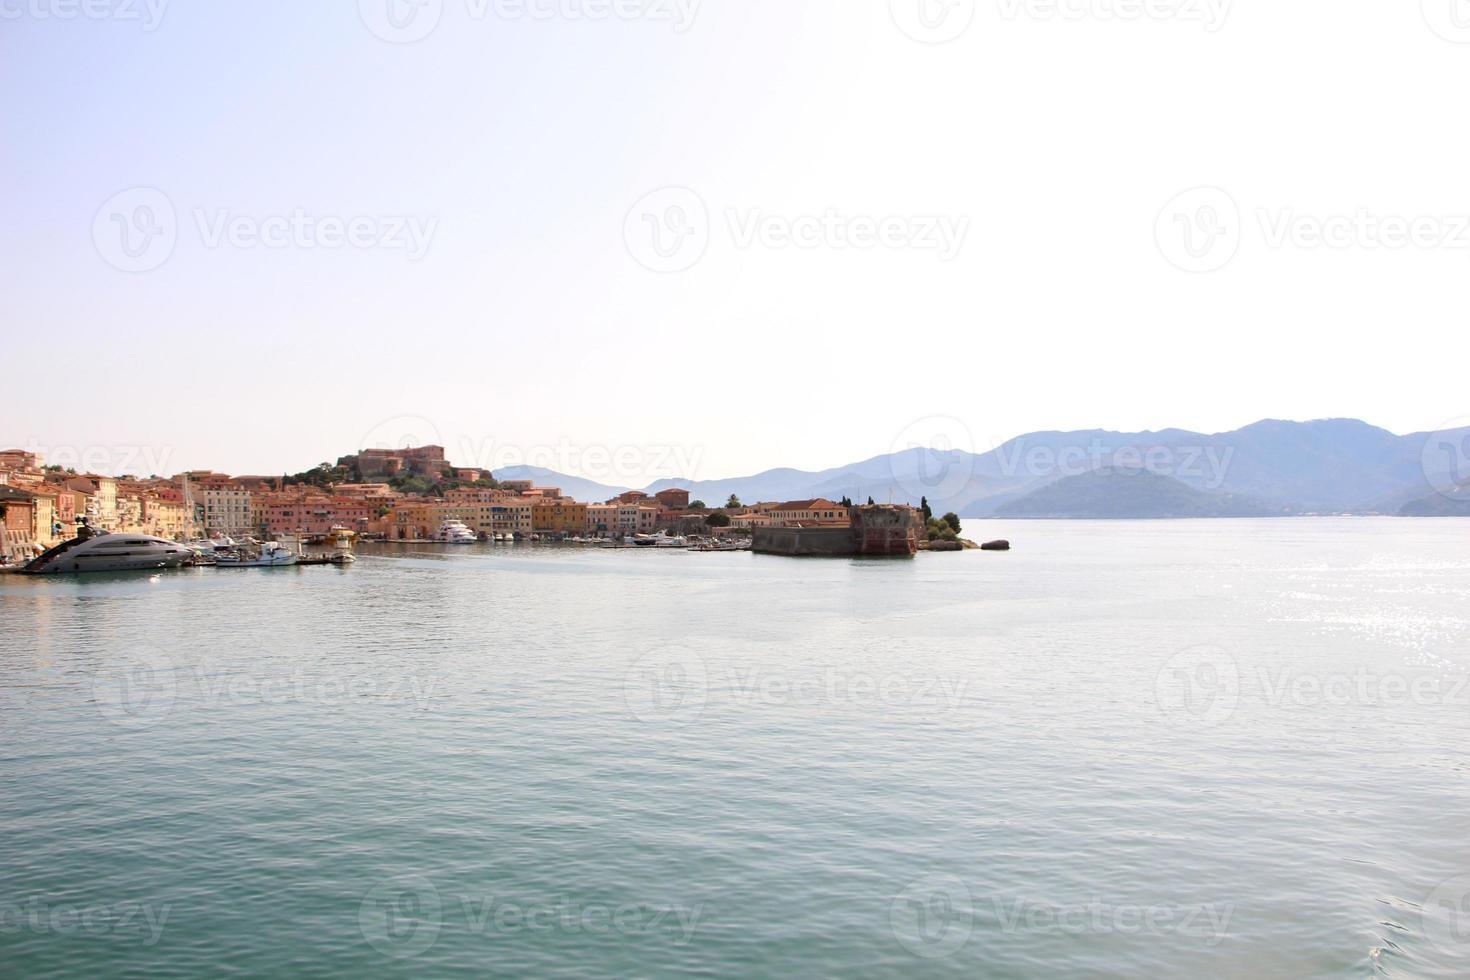 portoferraio - composizione panoramica foto